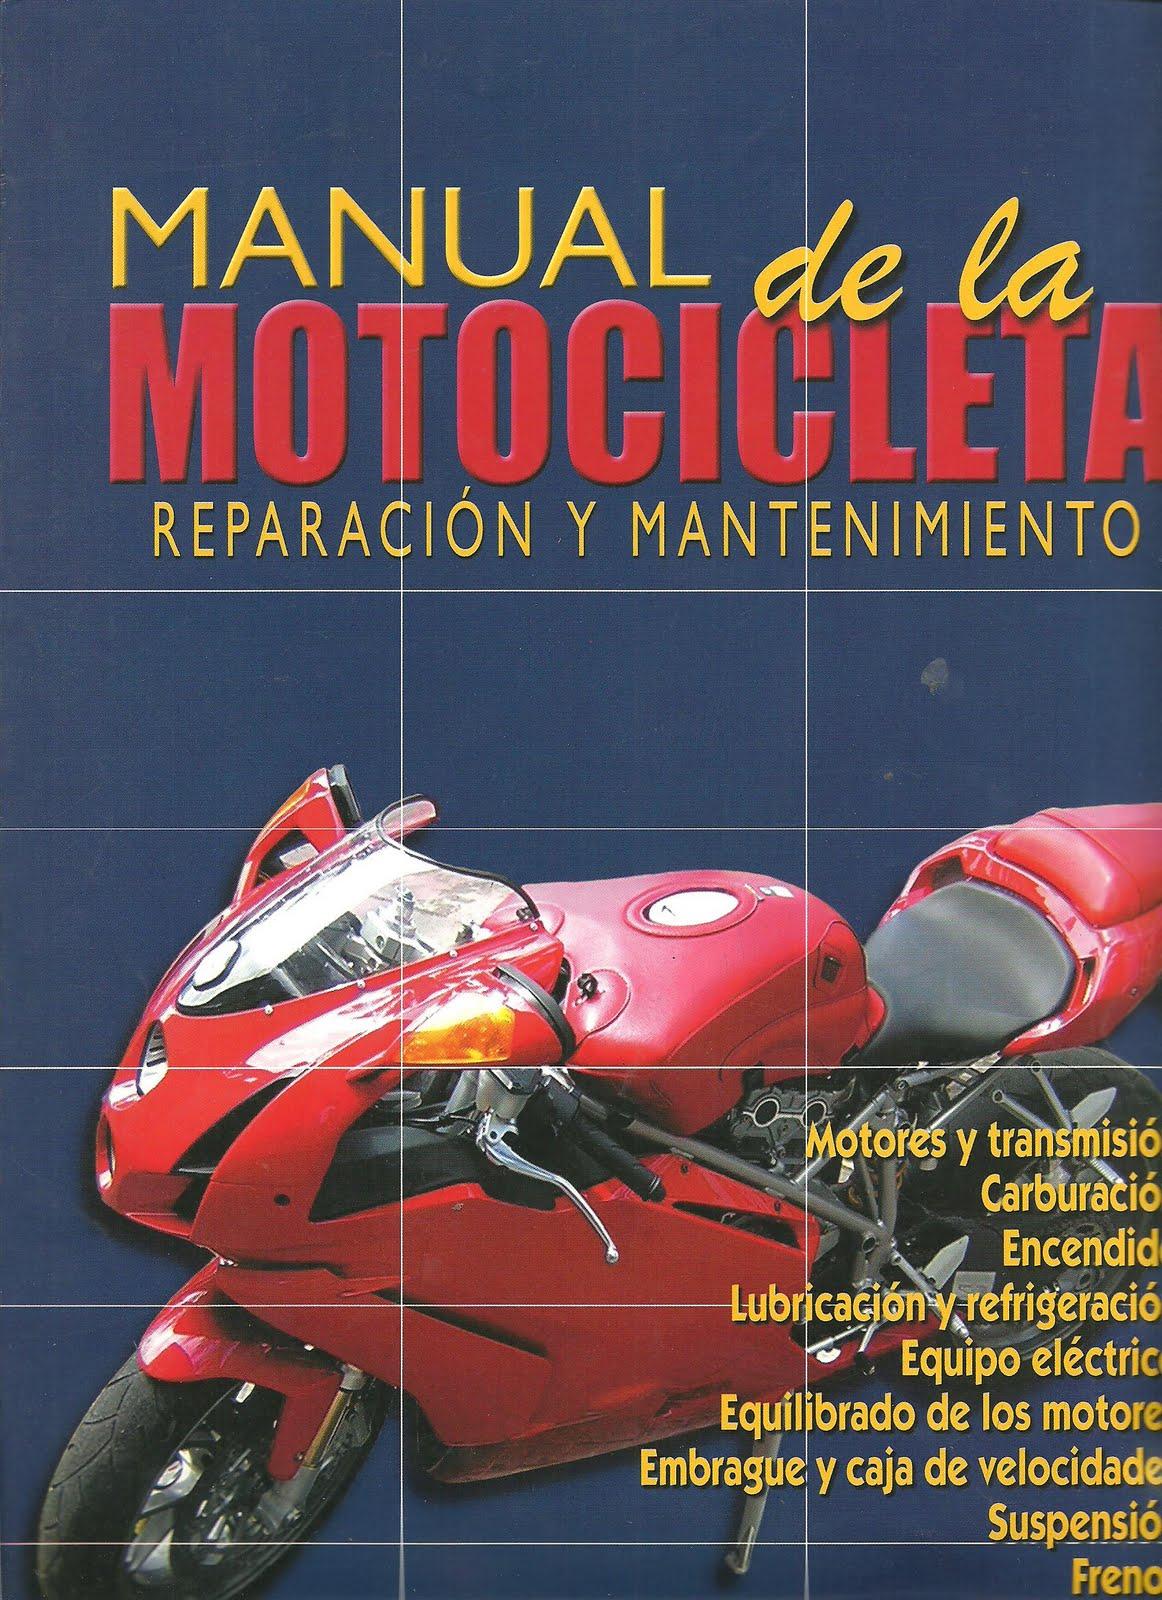 1996 Ktm 300 Exc Wiring Diagram Automotive Diagramas Y Manuales De Servicio Motocicleta Autos Post 1997